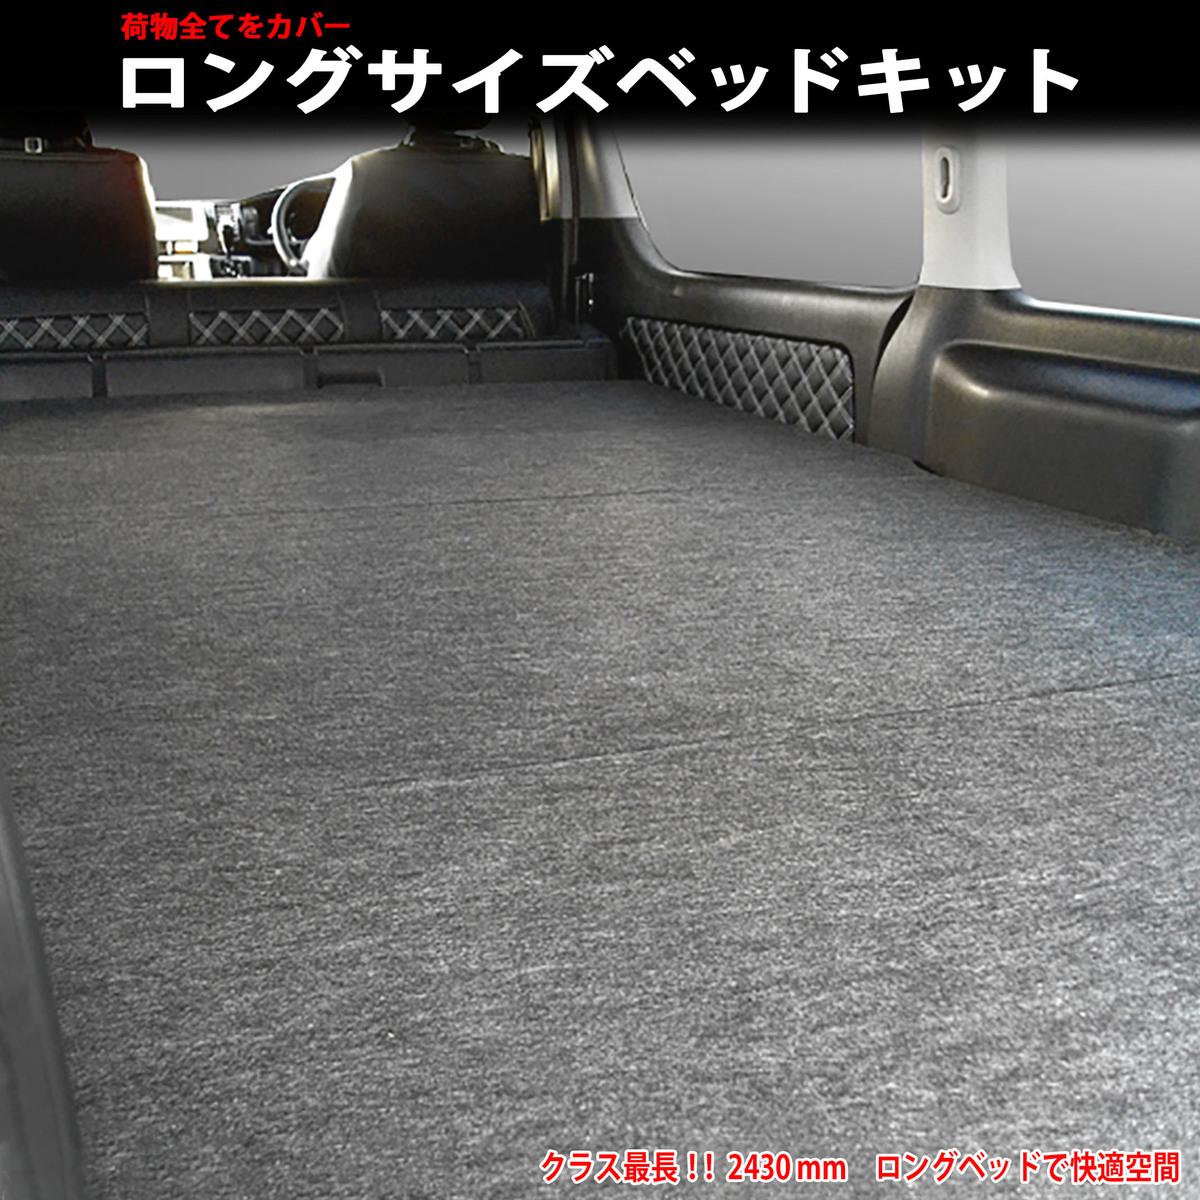 ハイエース ベッドキット 標準S-GL用 ロングサイズベッドキット パンチカーペット #1